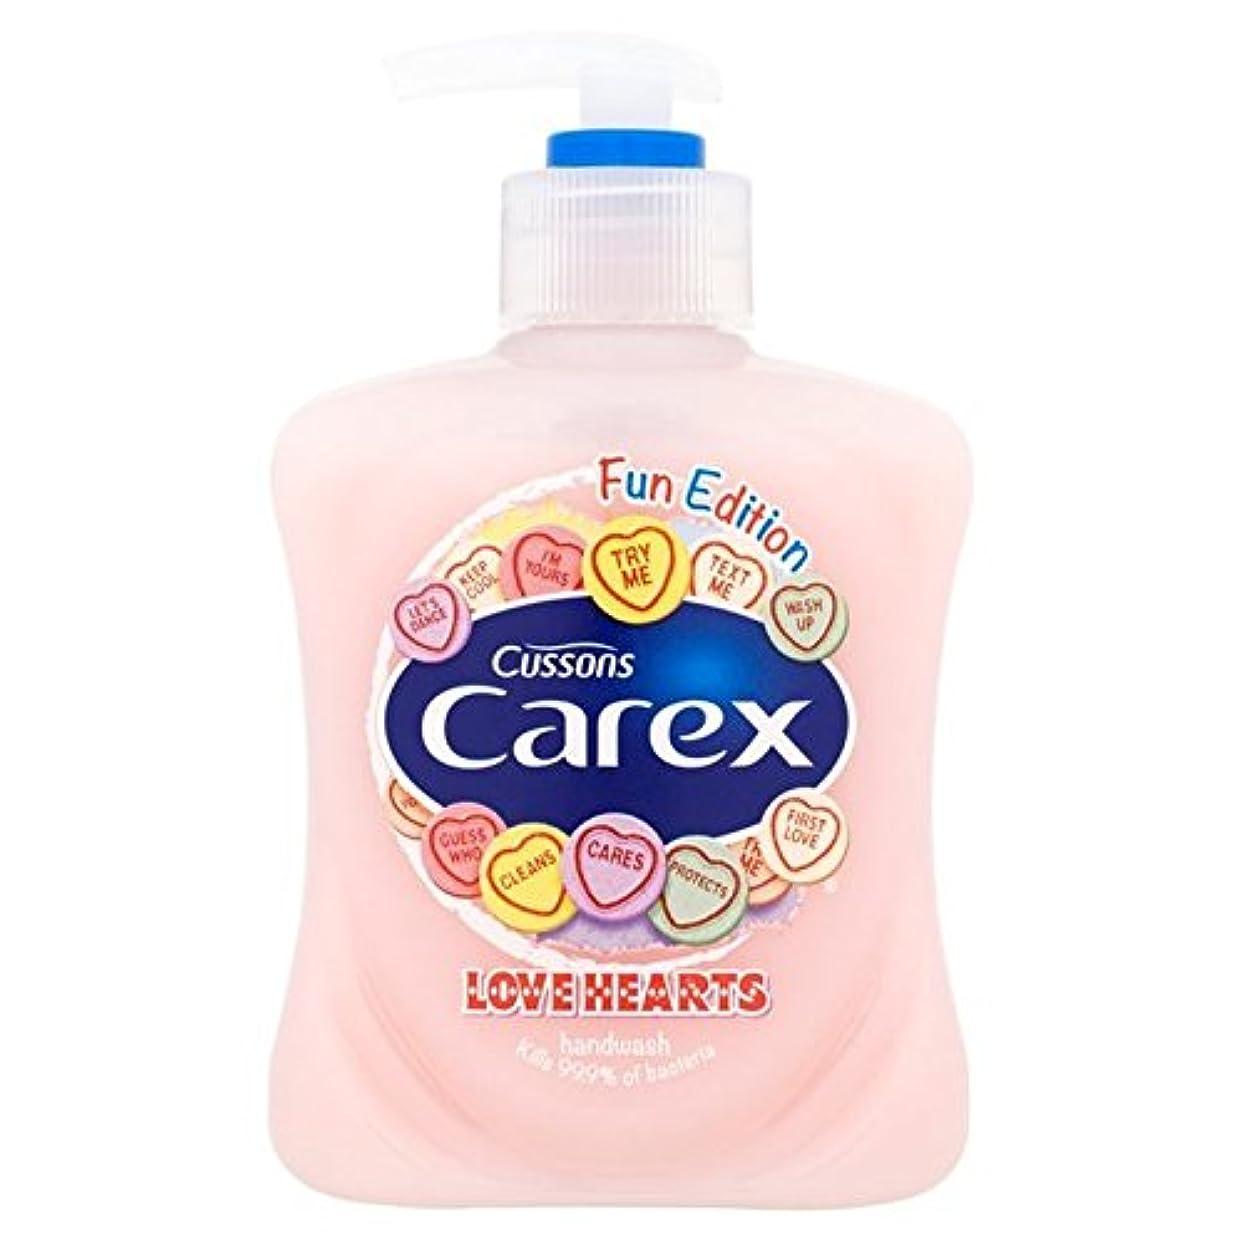 ポイント責任者心配するスゲ楽しい版愛の心のハンドウォッシュ250ミリリットル x4 - Carex Fun Edition Love Hearts Hand Wash 250ml (Pack of 4) [並行輸入品]